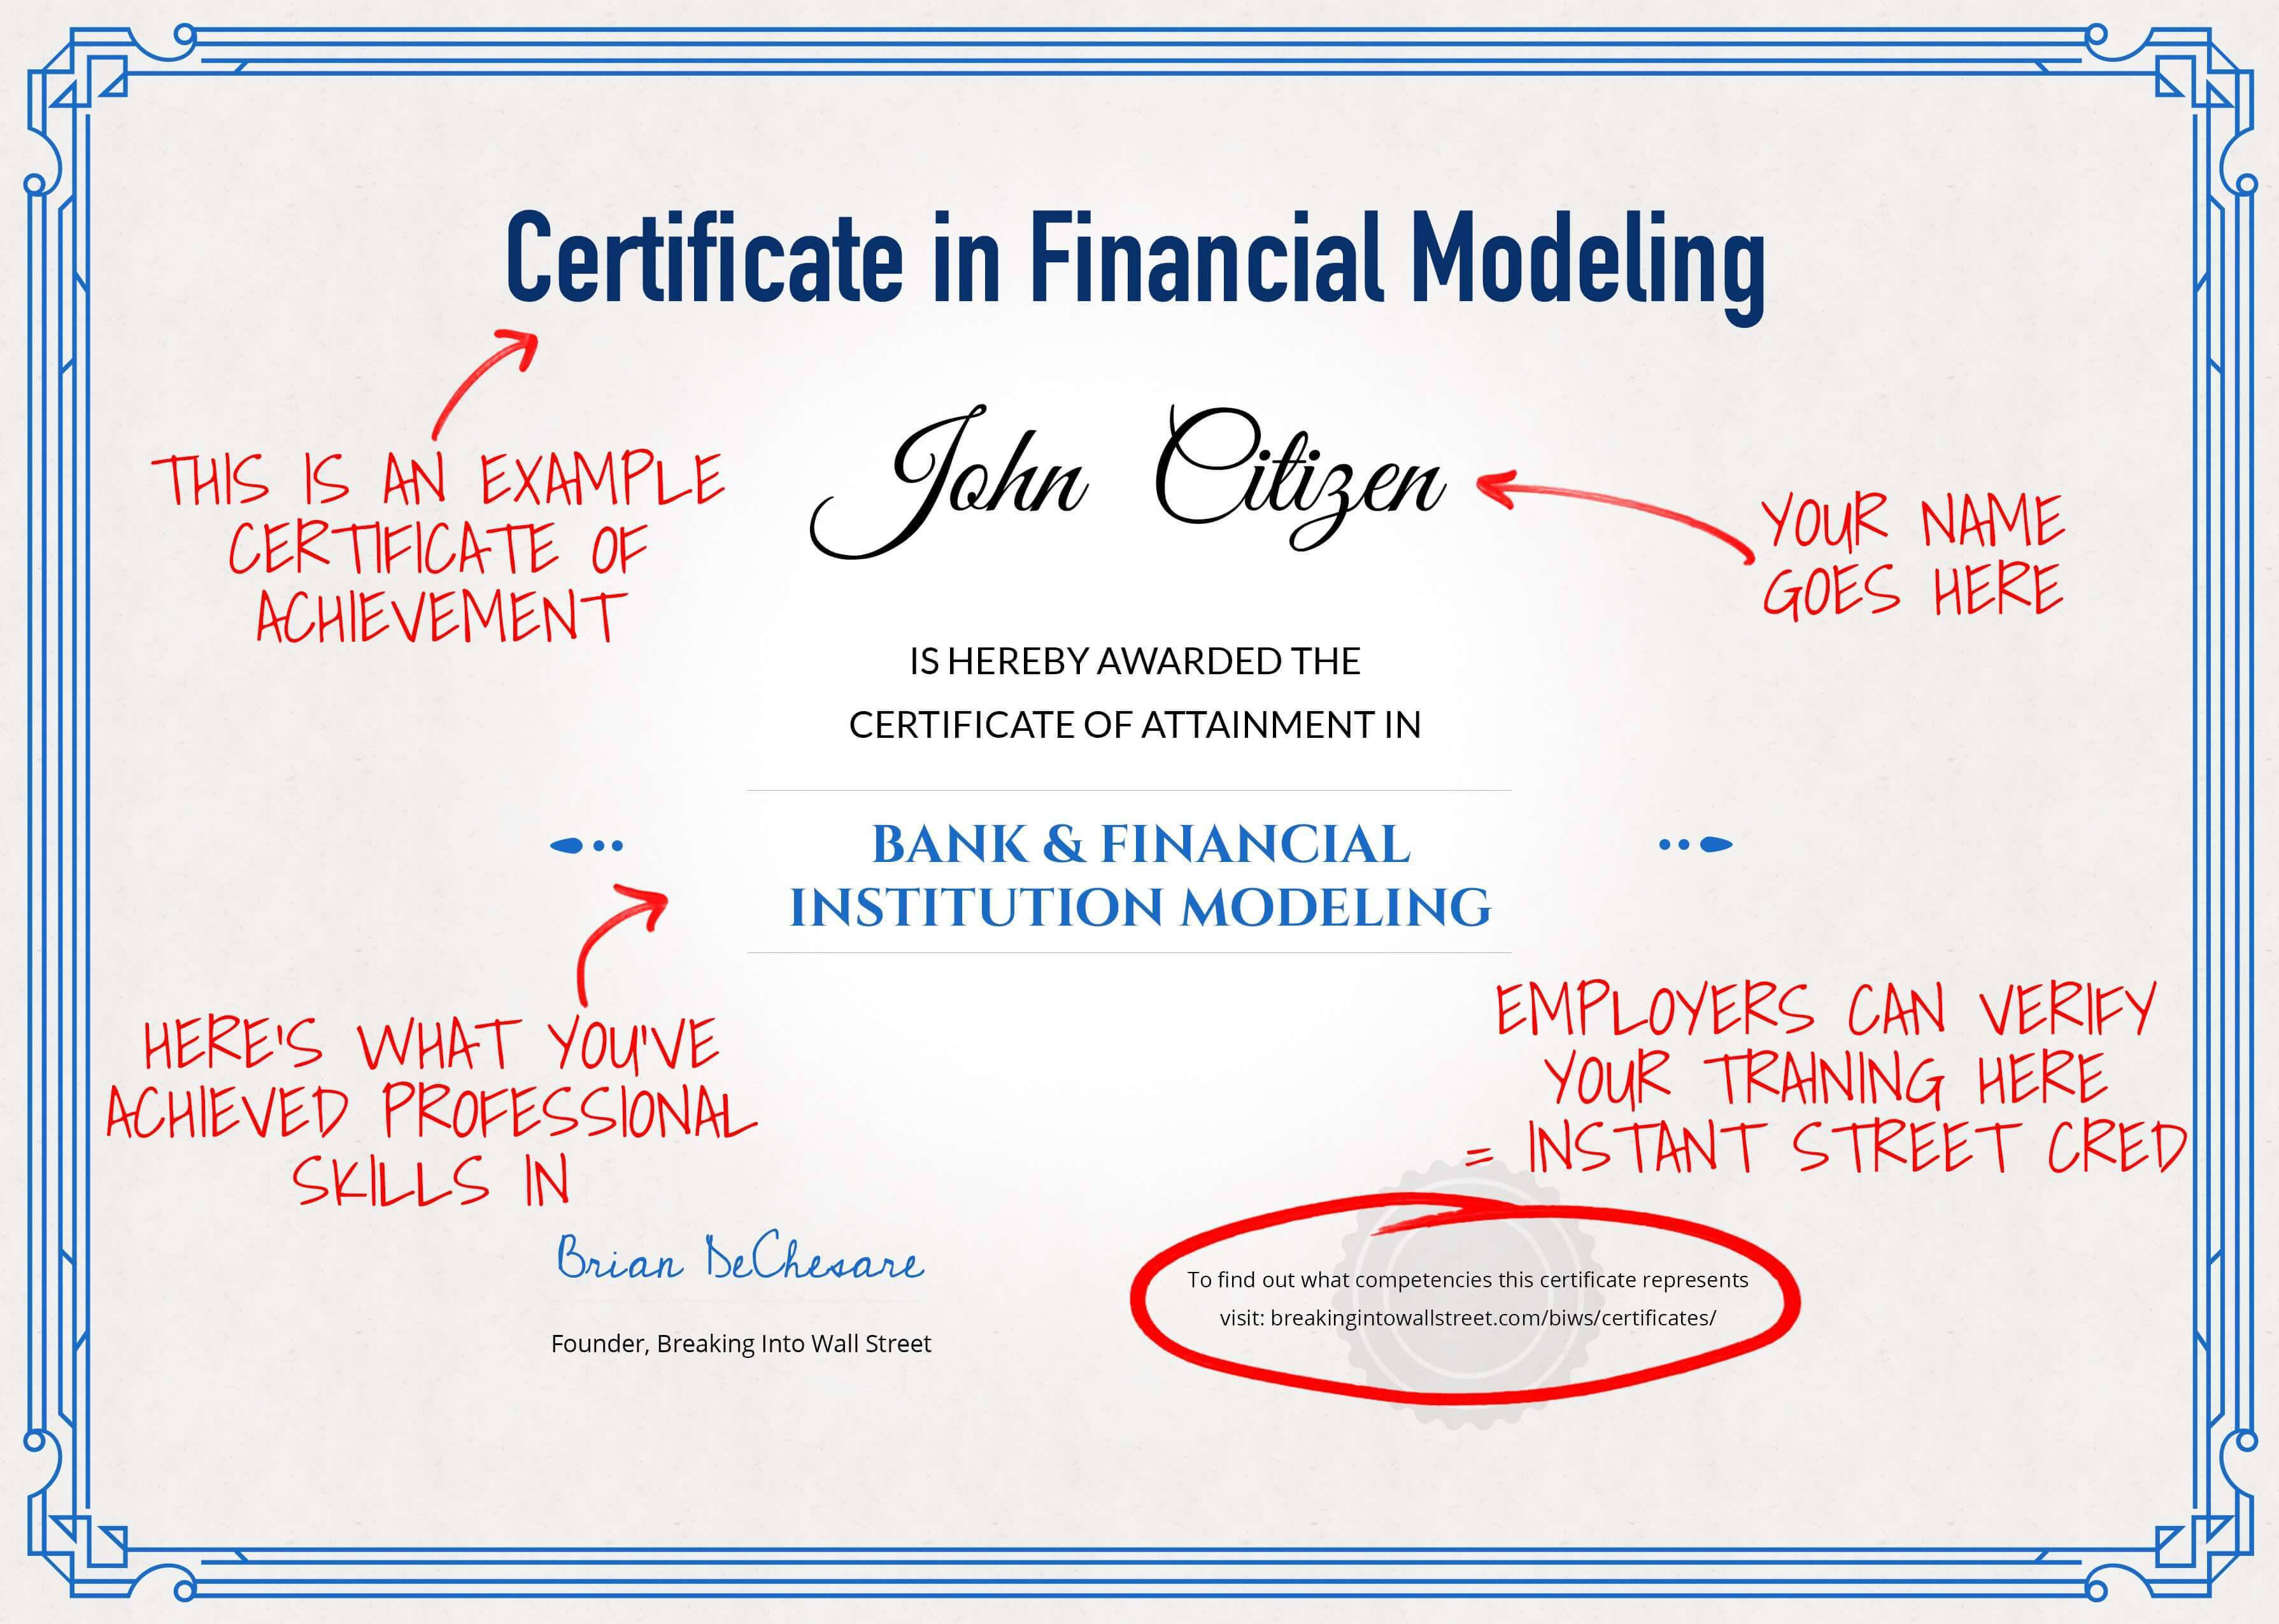 bank modeling